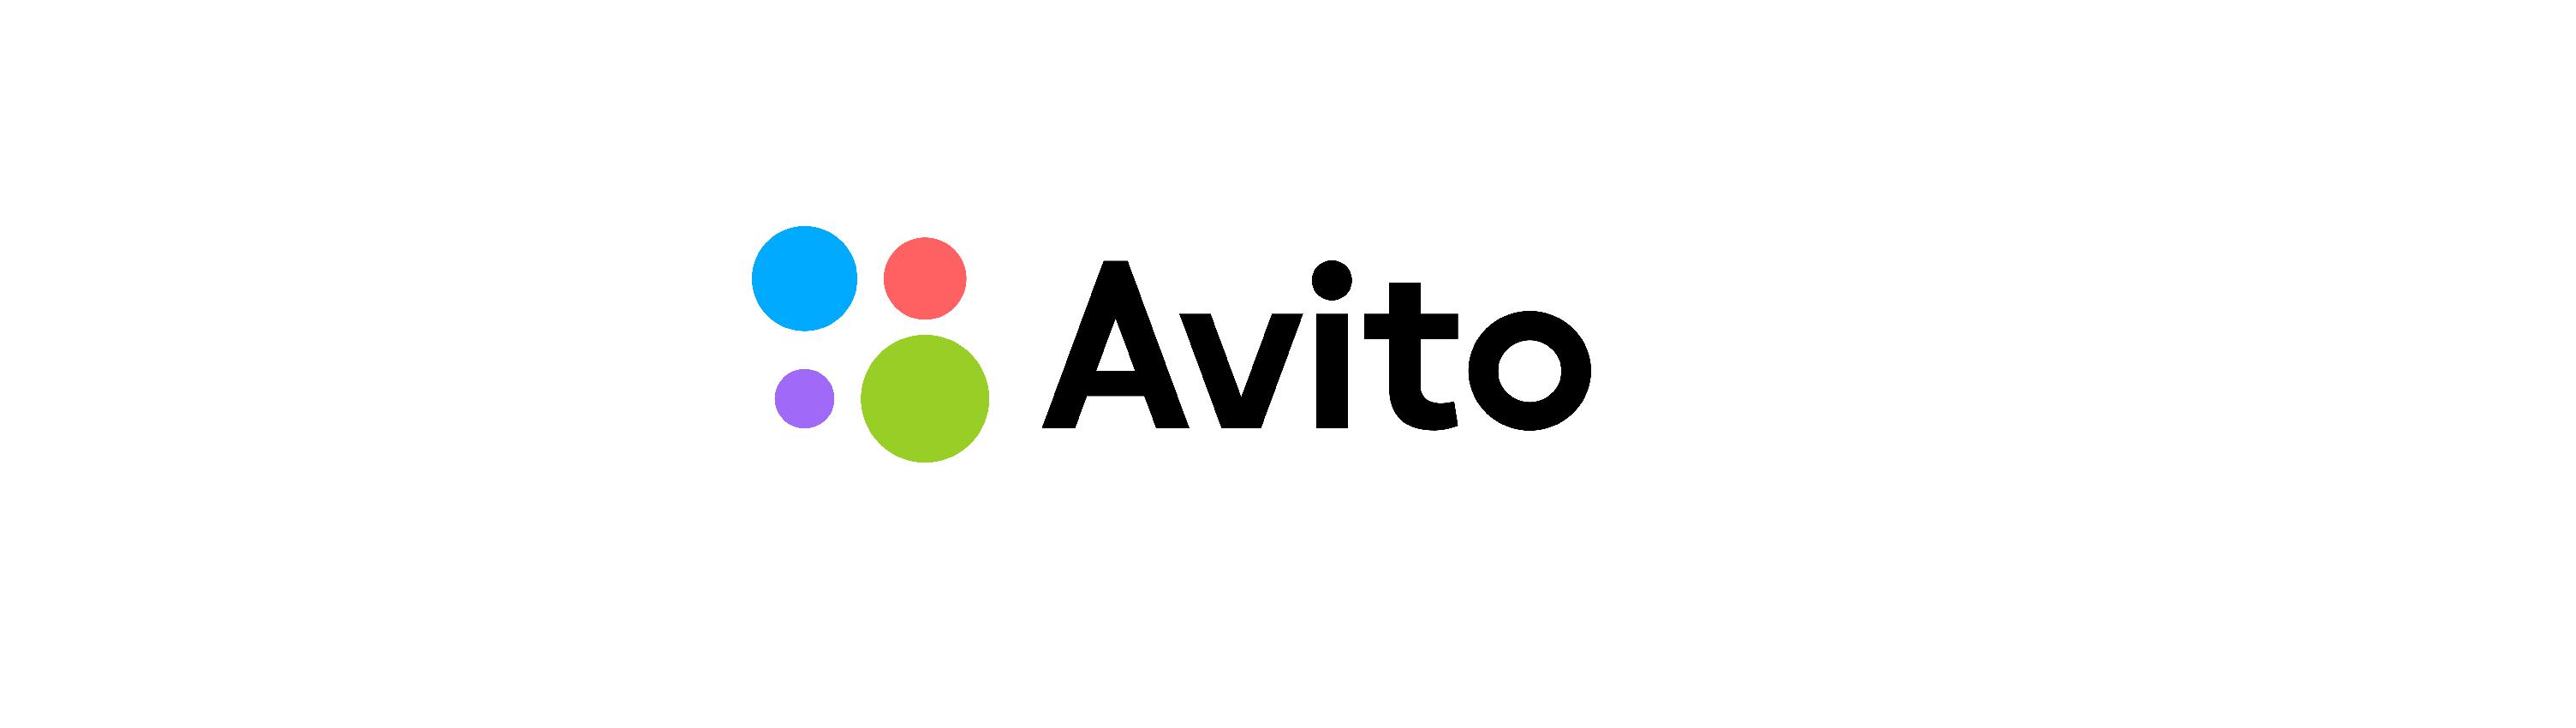 Объемы продаж смартфонов на Авито в 2020 году